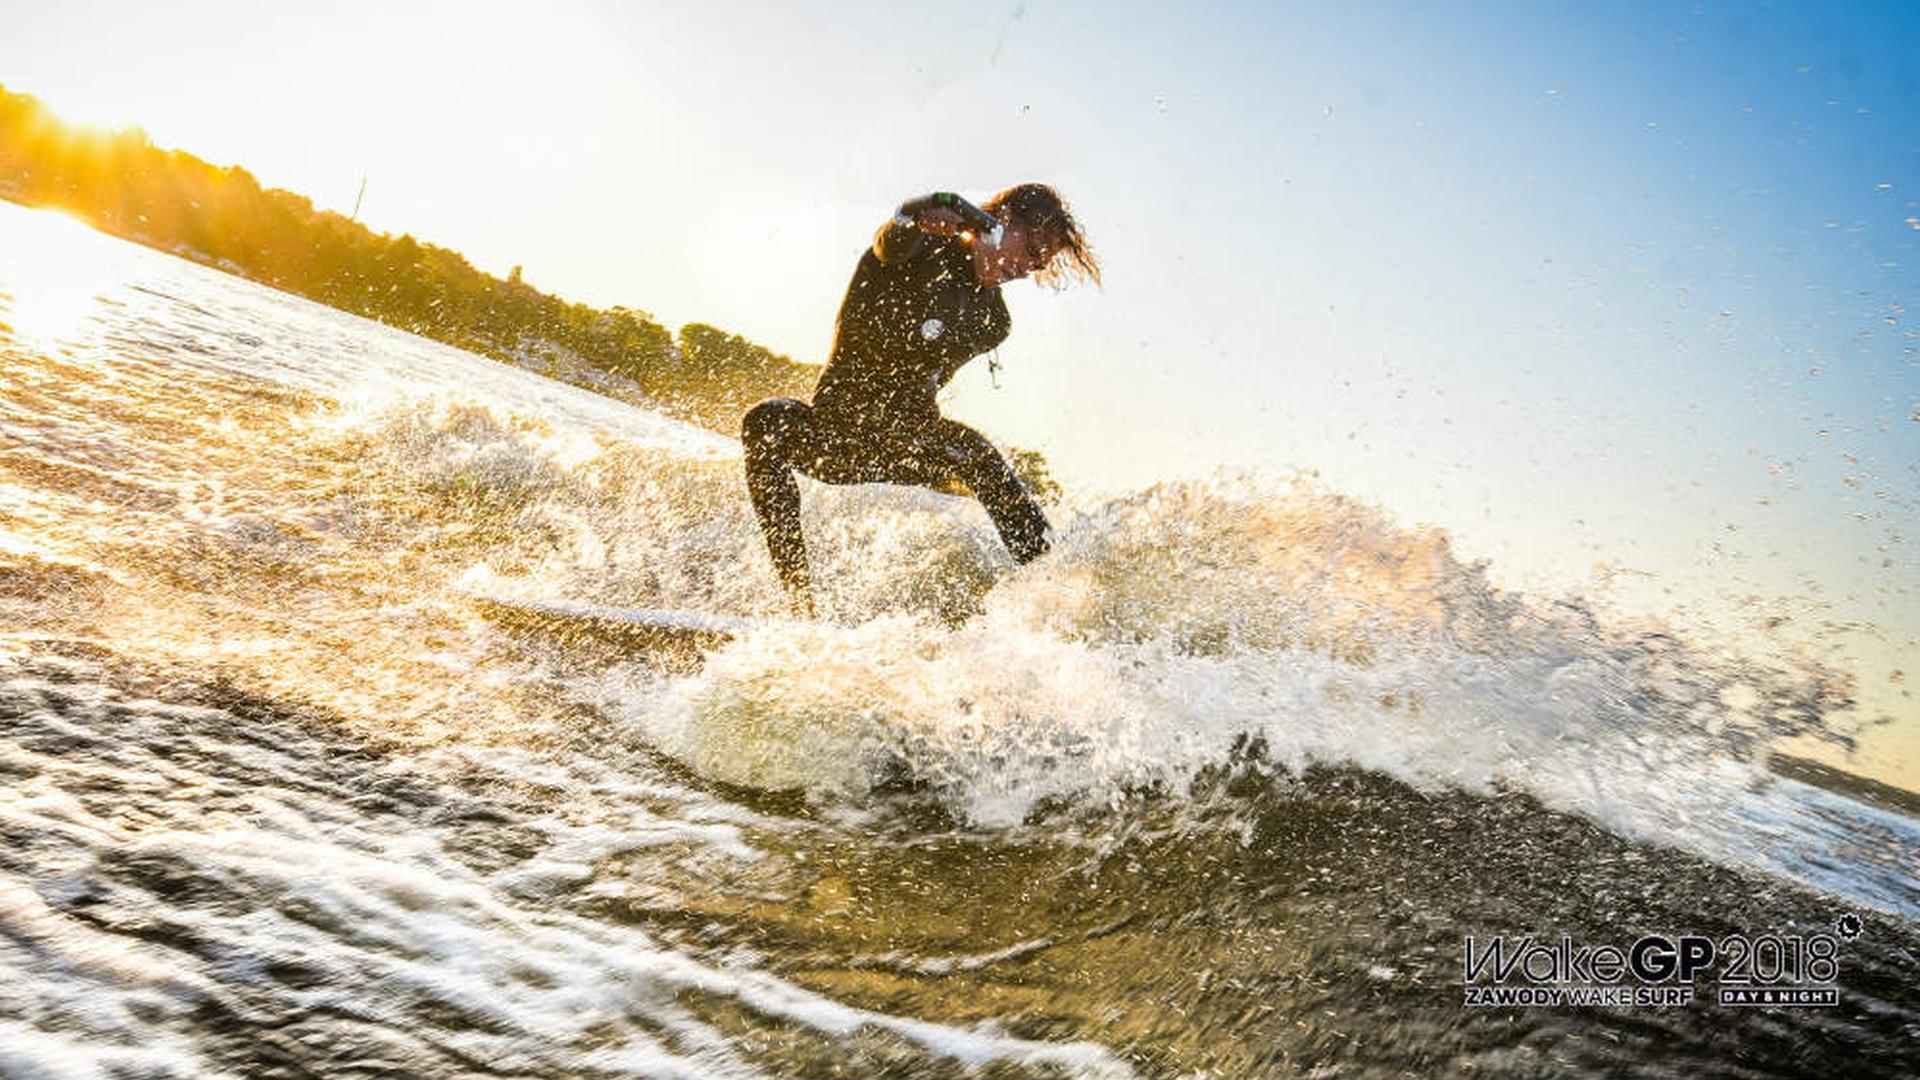 Surfer fot WakeGP.jpg